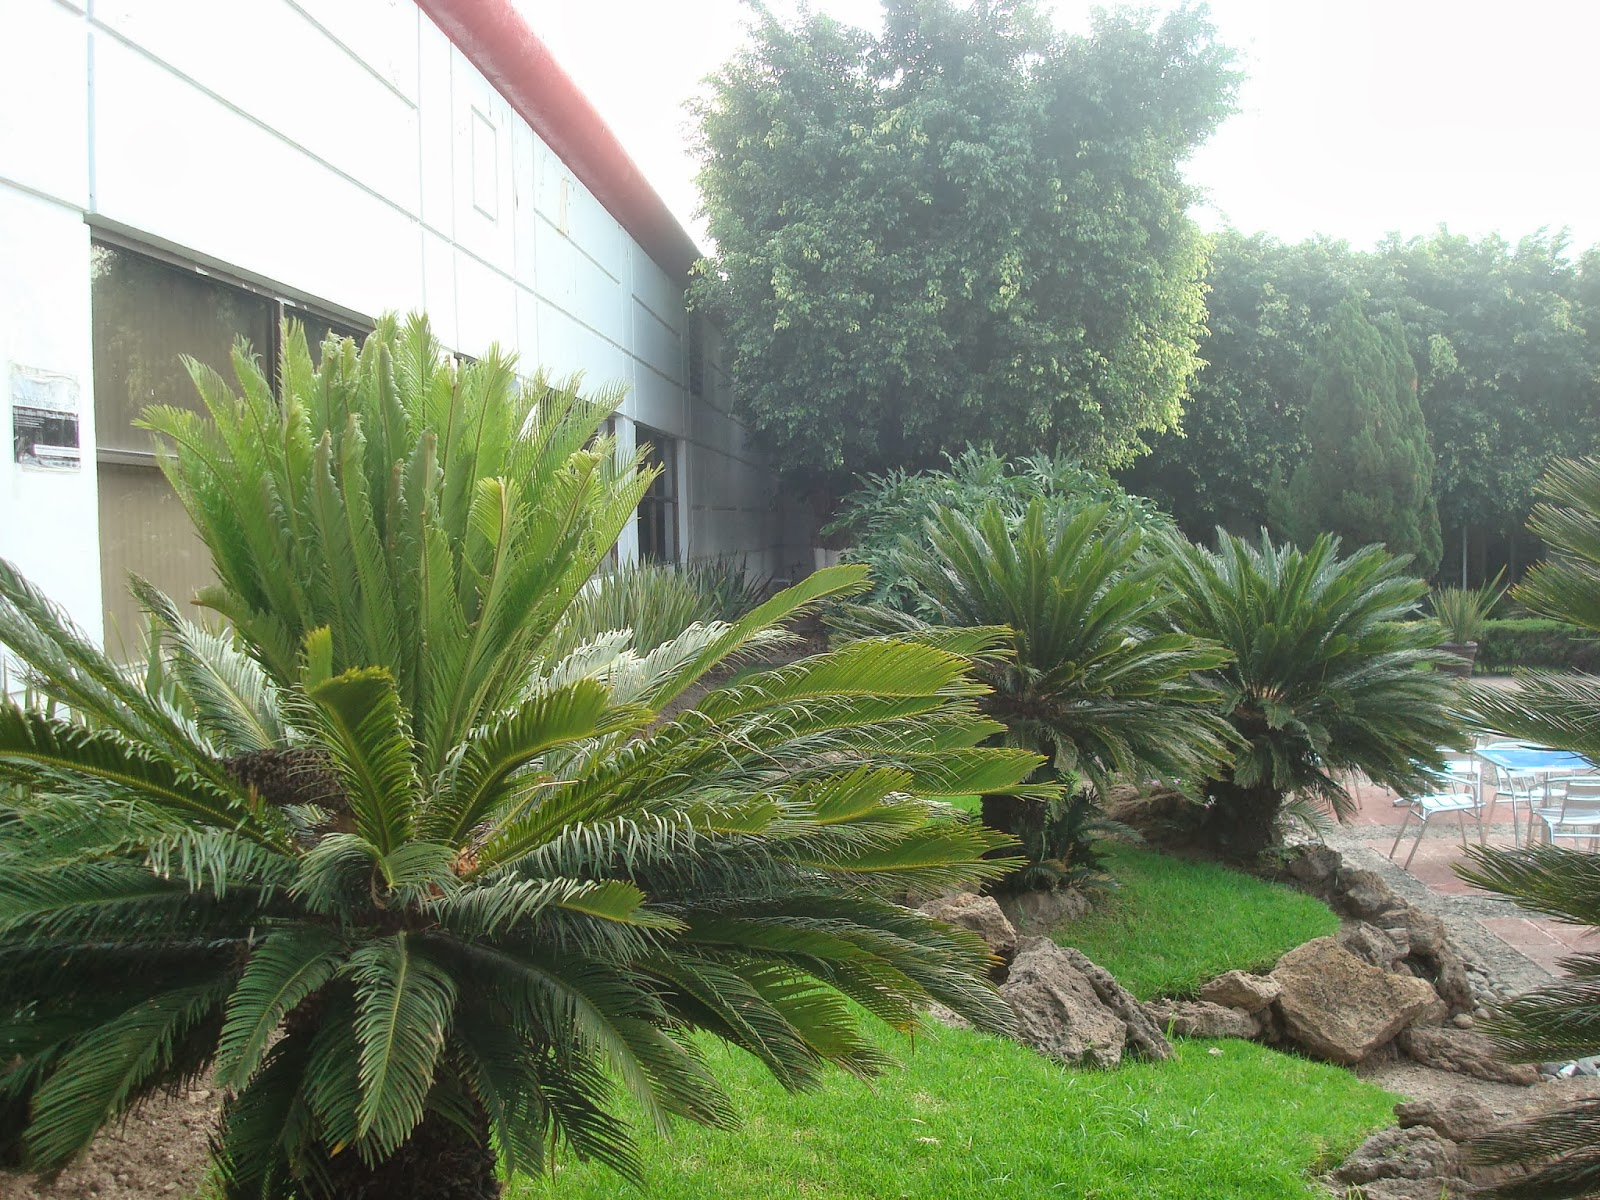 Sancarlosfortin sikas y pinos en jardin de la uvm for Pinos para jardin